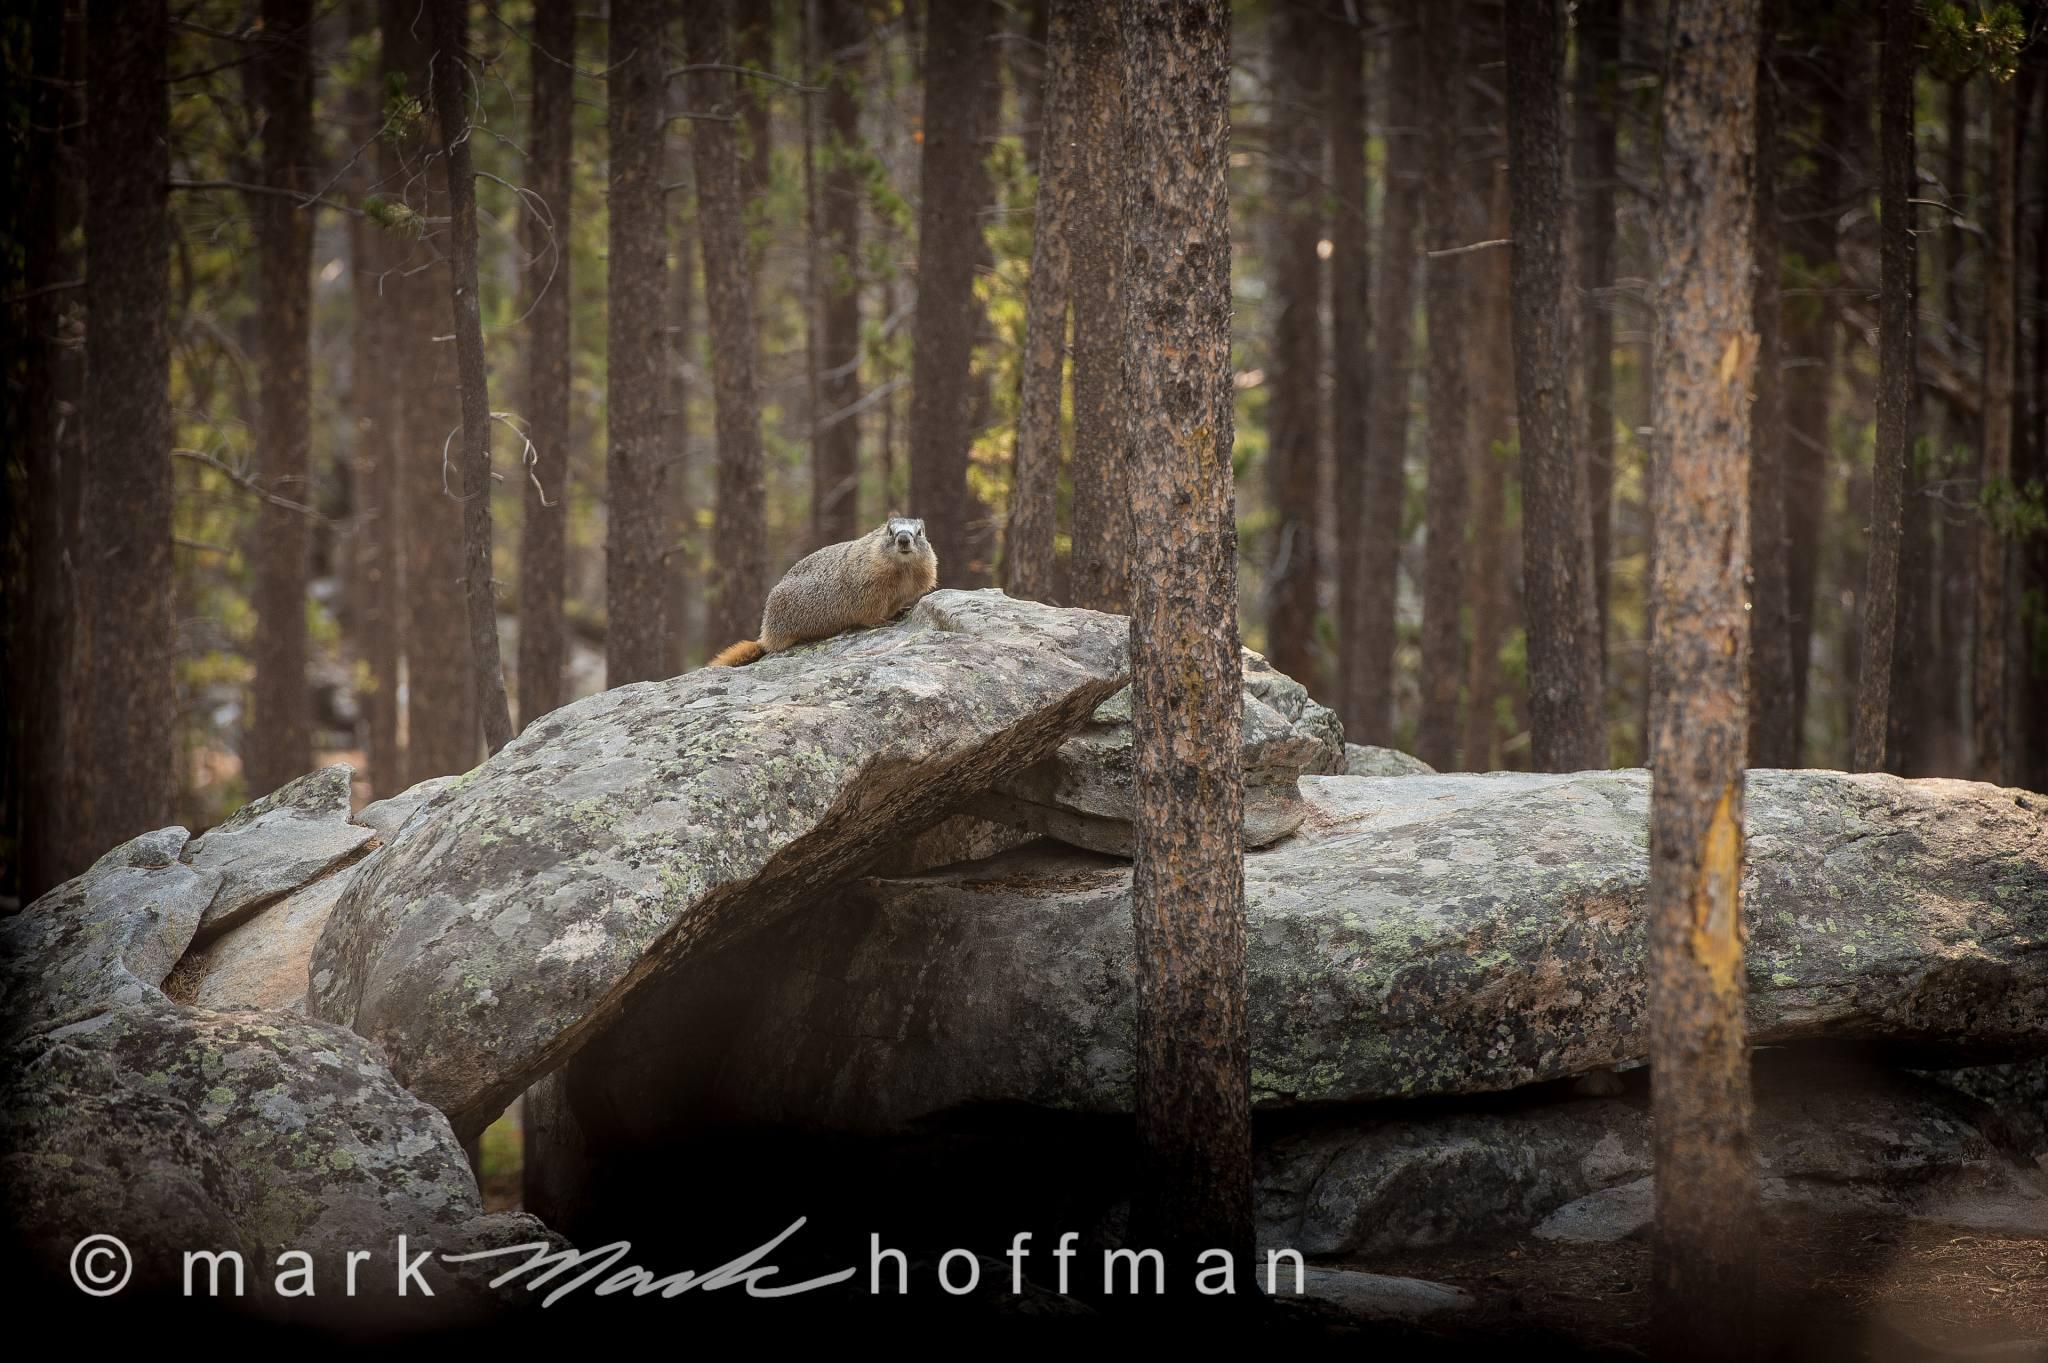 Mark_Hoffman_D4_20120814_0188_cap1_var1.jpg